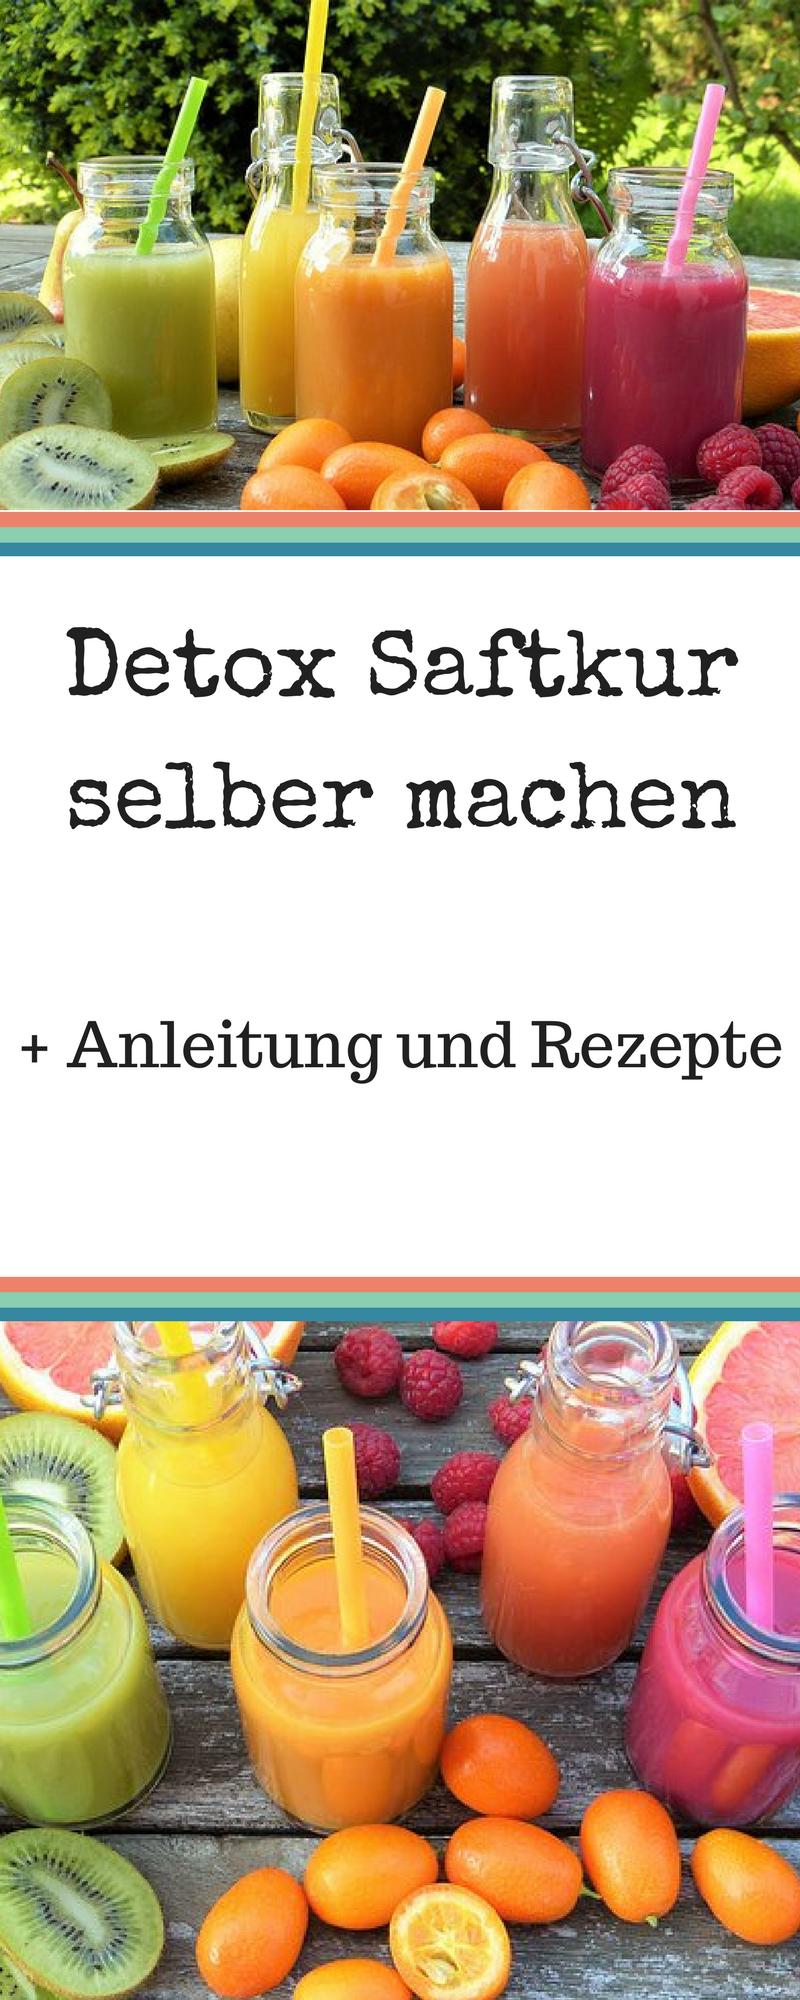 detox s fte rezepte zum abnehmen wer eine detox saftkur selber machen will sollte sich vorher